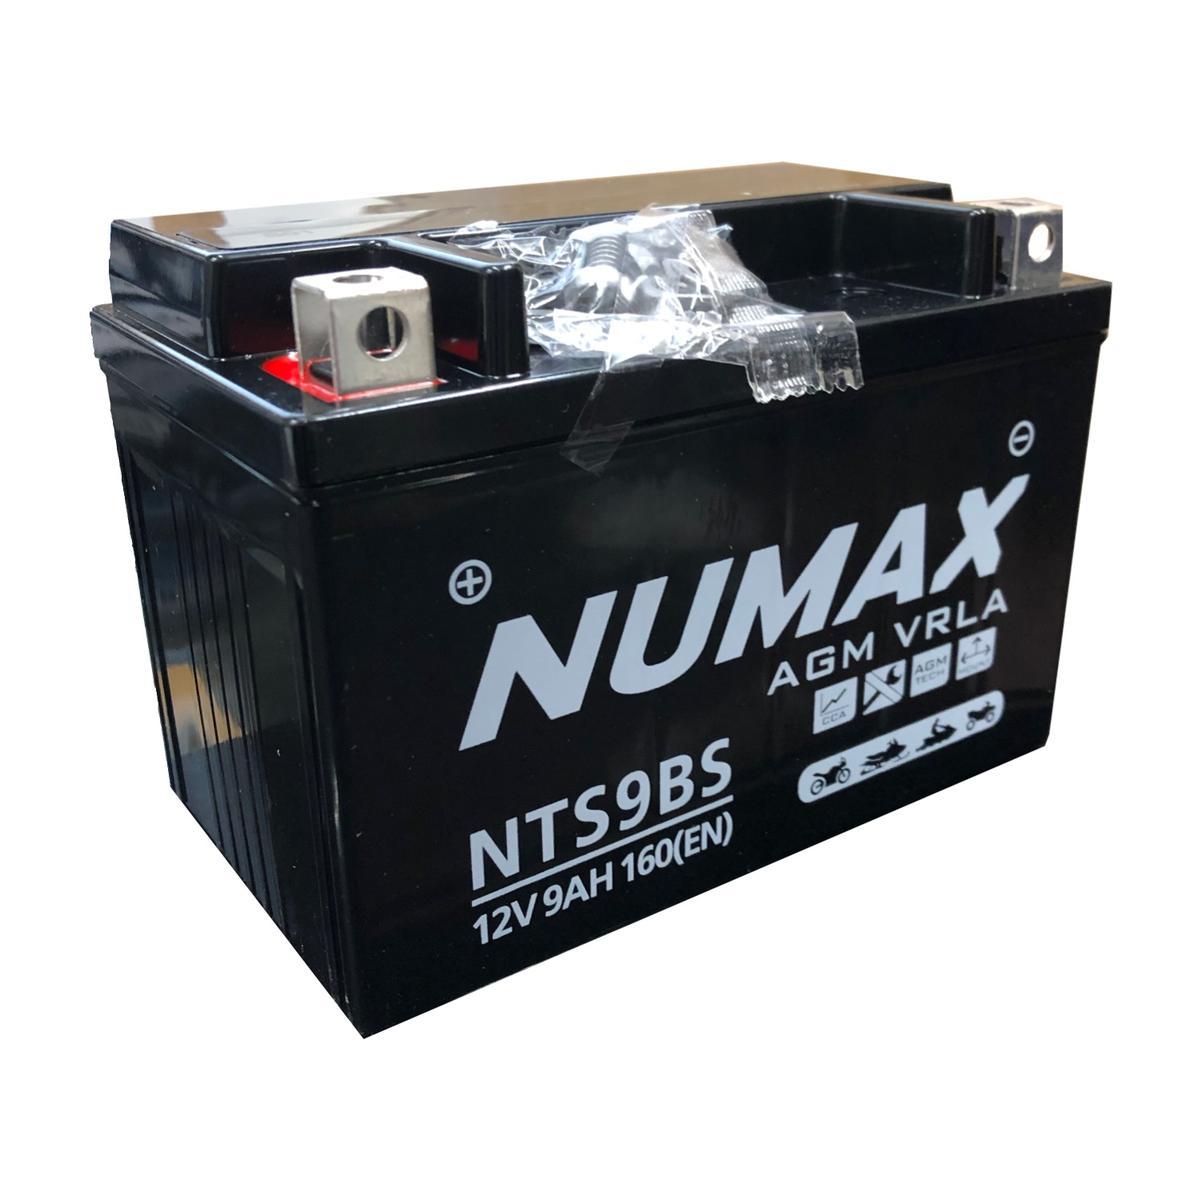 Numax NTS9BS 12v Motorbike Bike Battery KYMCO 150cc Vivio YXT9-4